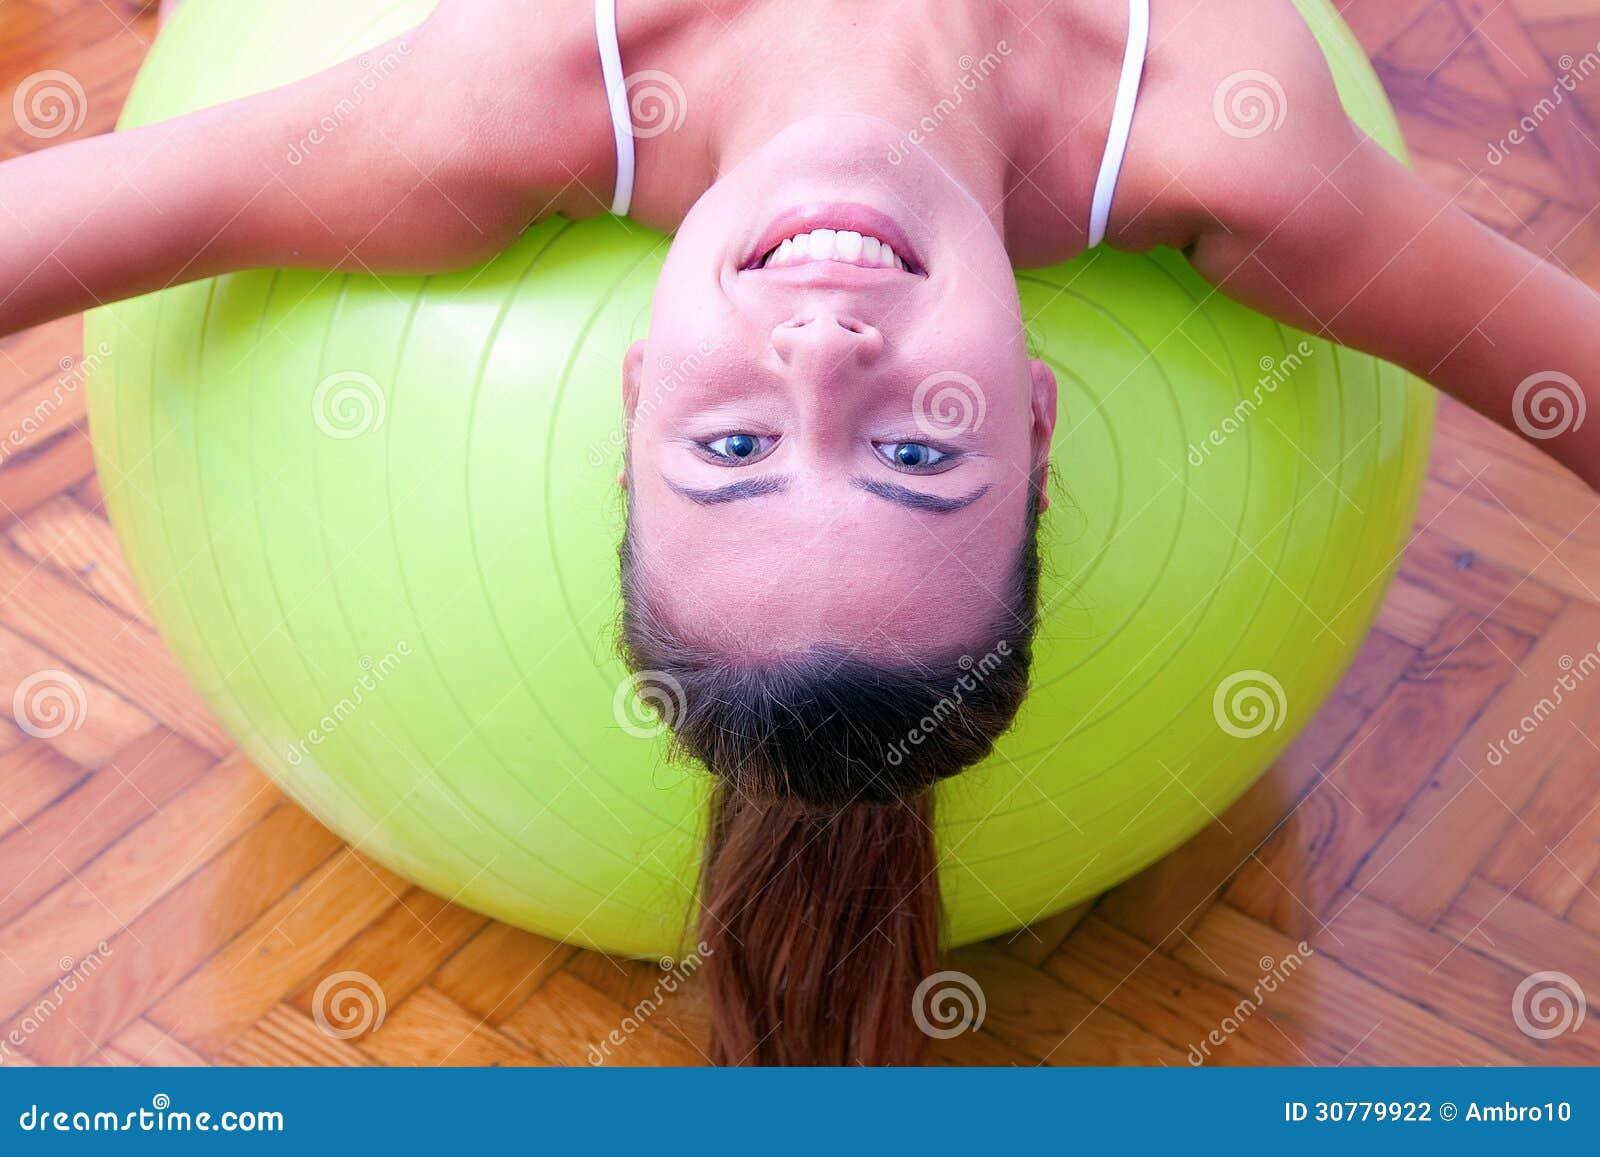 Bobath Exercises